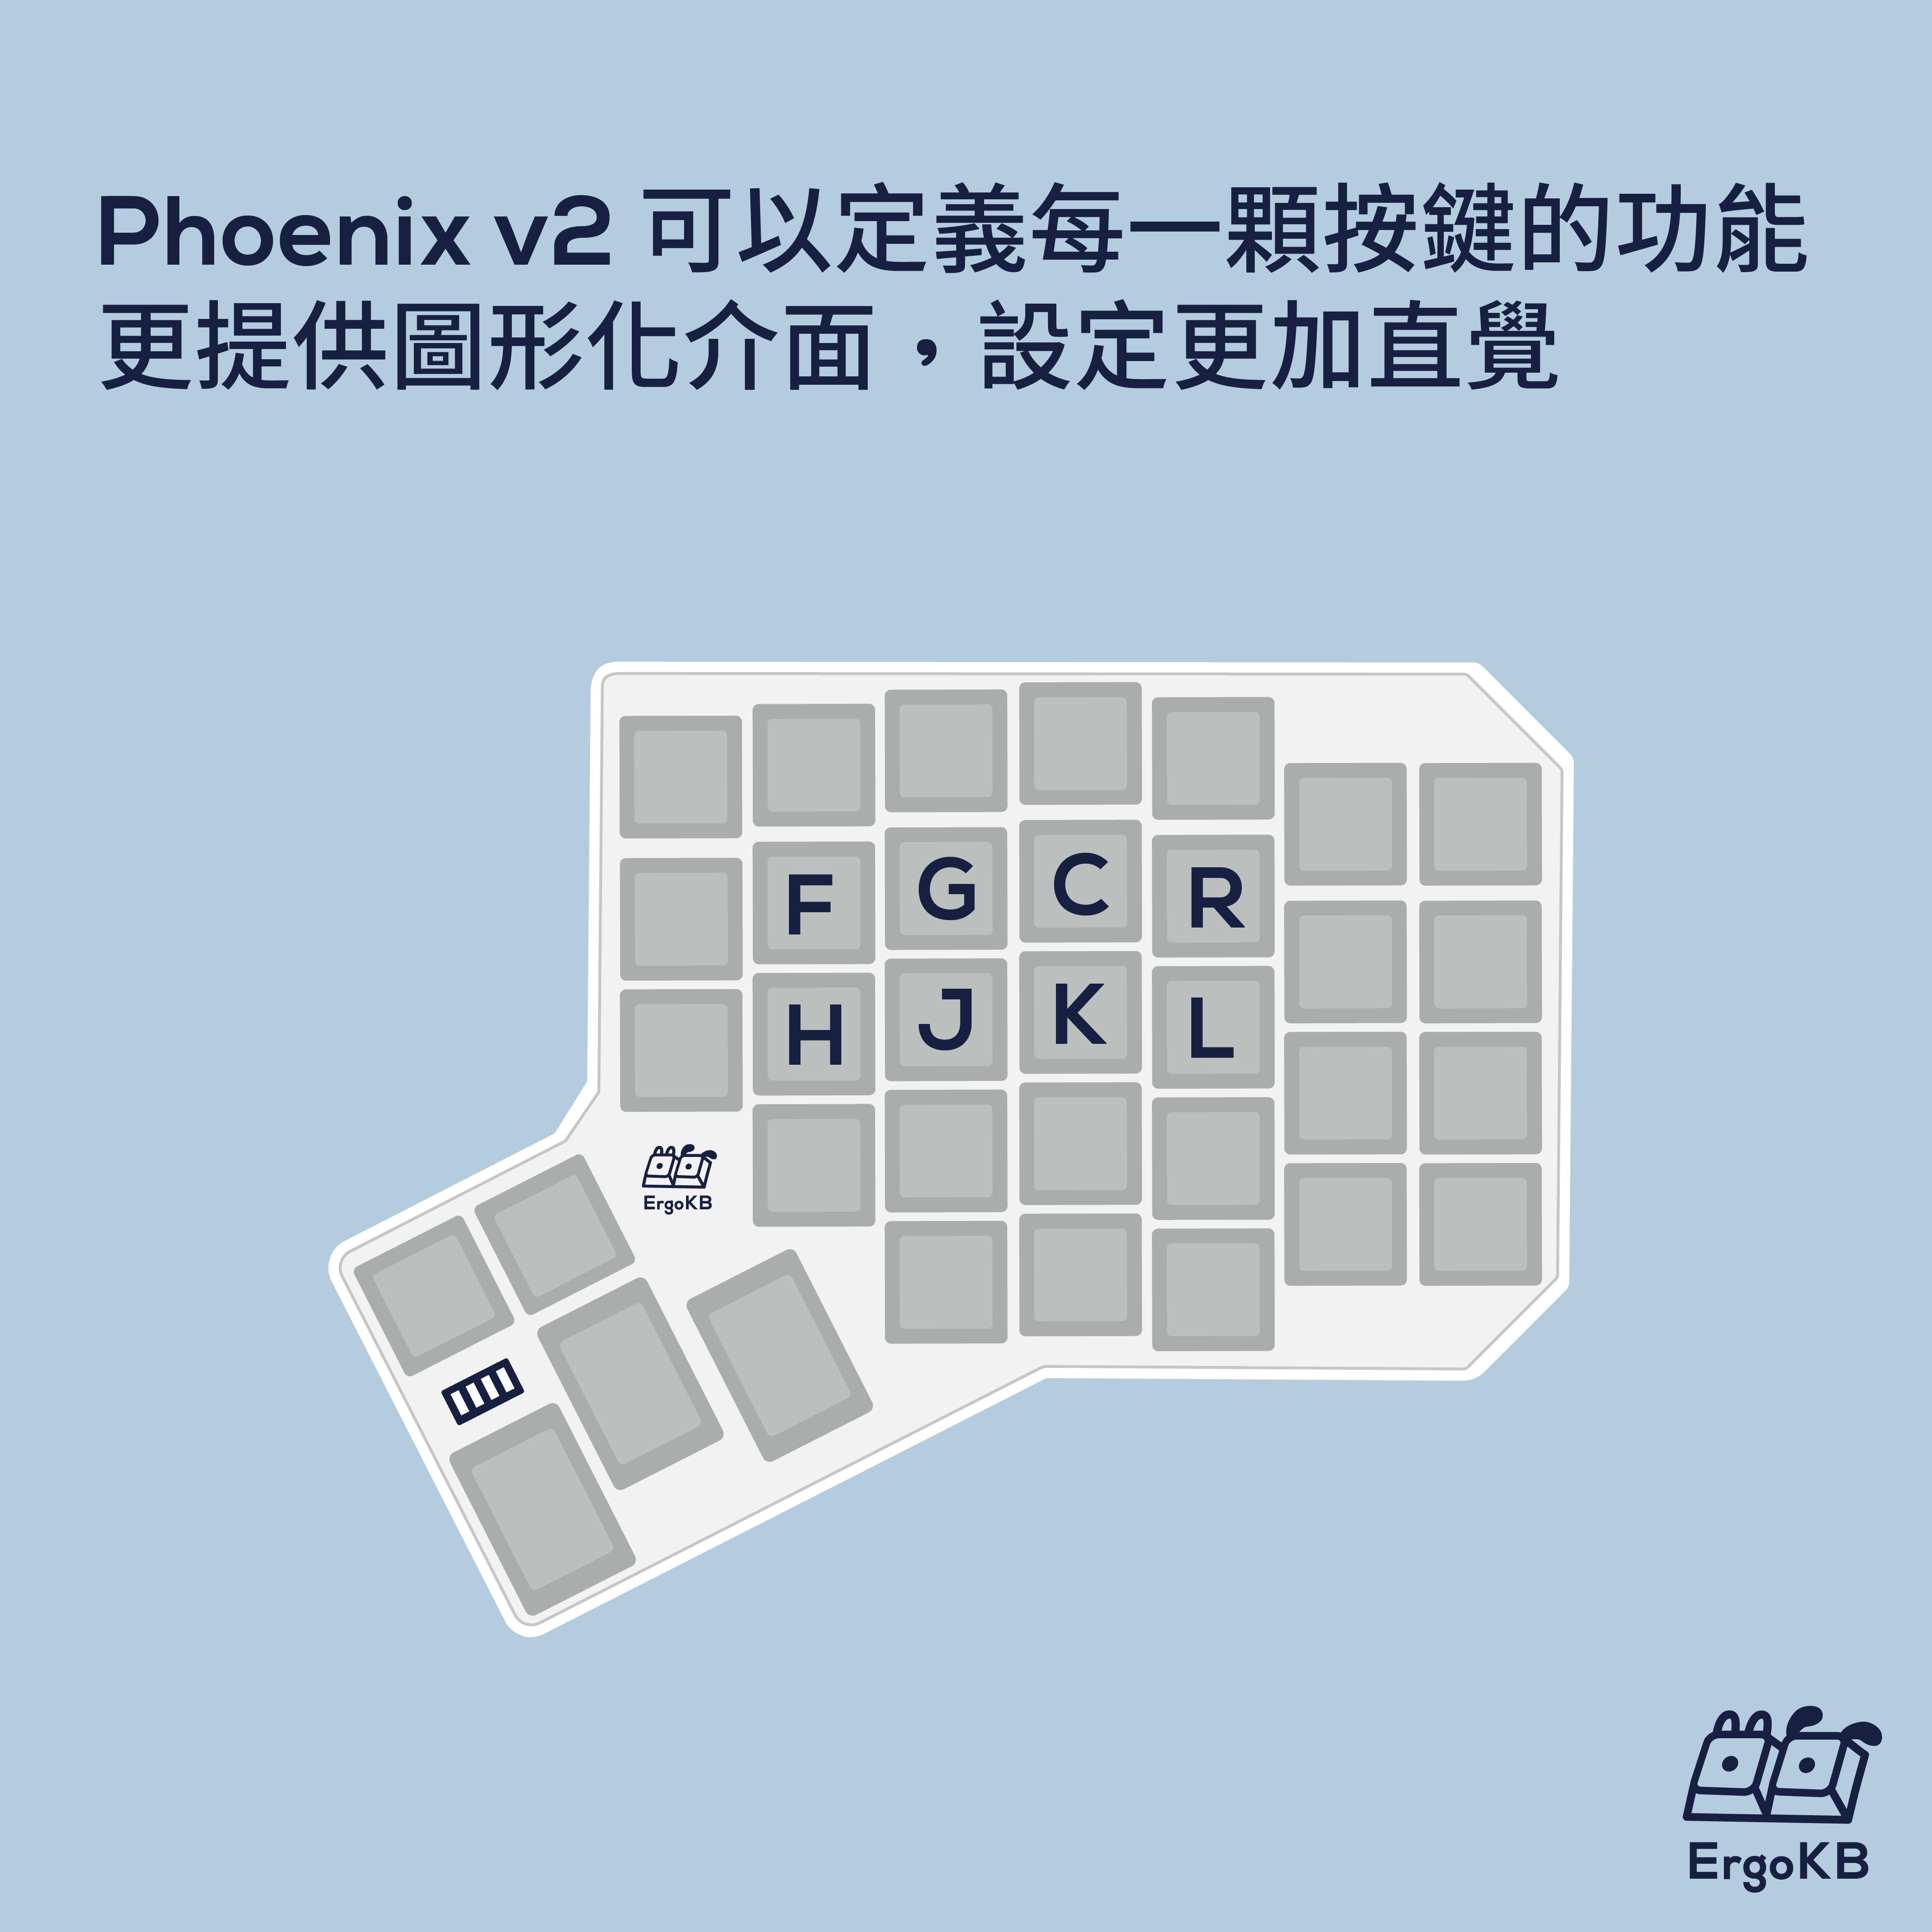 能夠自己定義每一顆按鍵功能,Phoenix 同樣能夠自己定義每一顆按鍵的功能,更提供圖形化介面,設定更加直覺